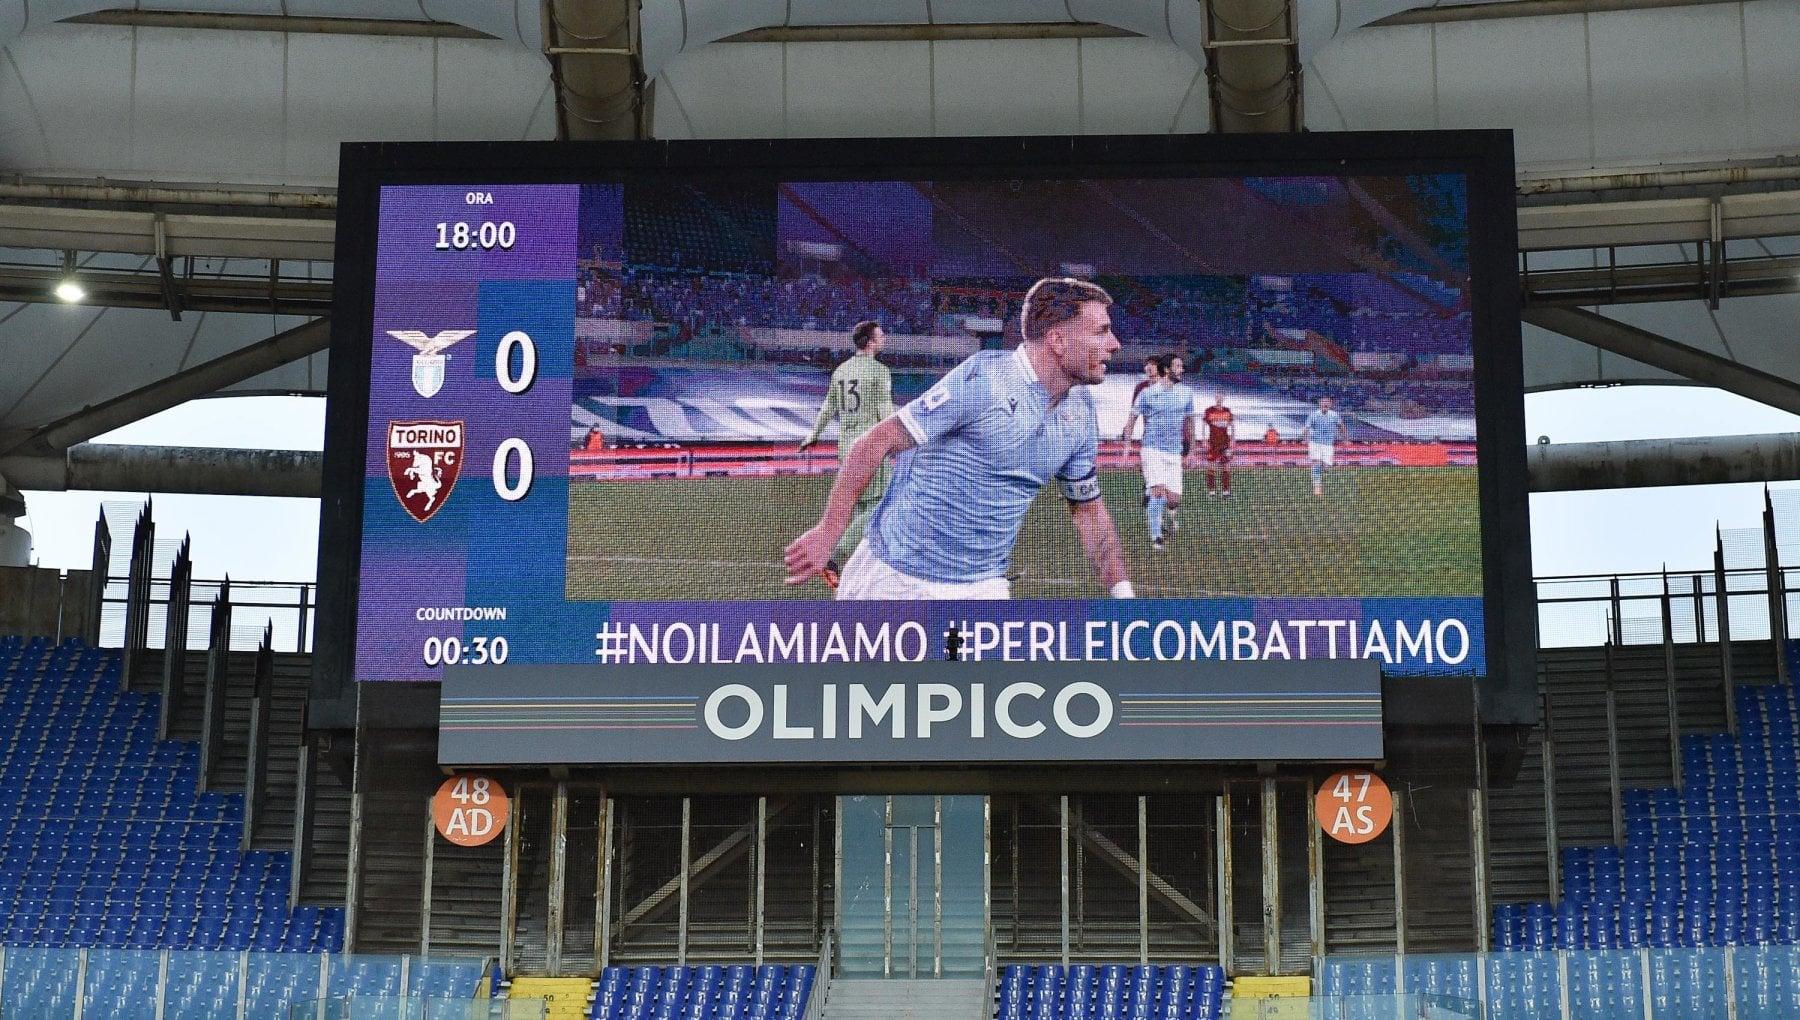 Lazio-Torino sub iudice, giudice sportivo rinvia decisione